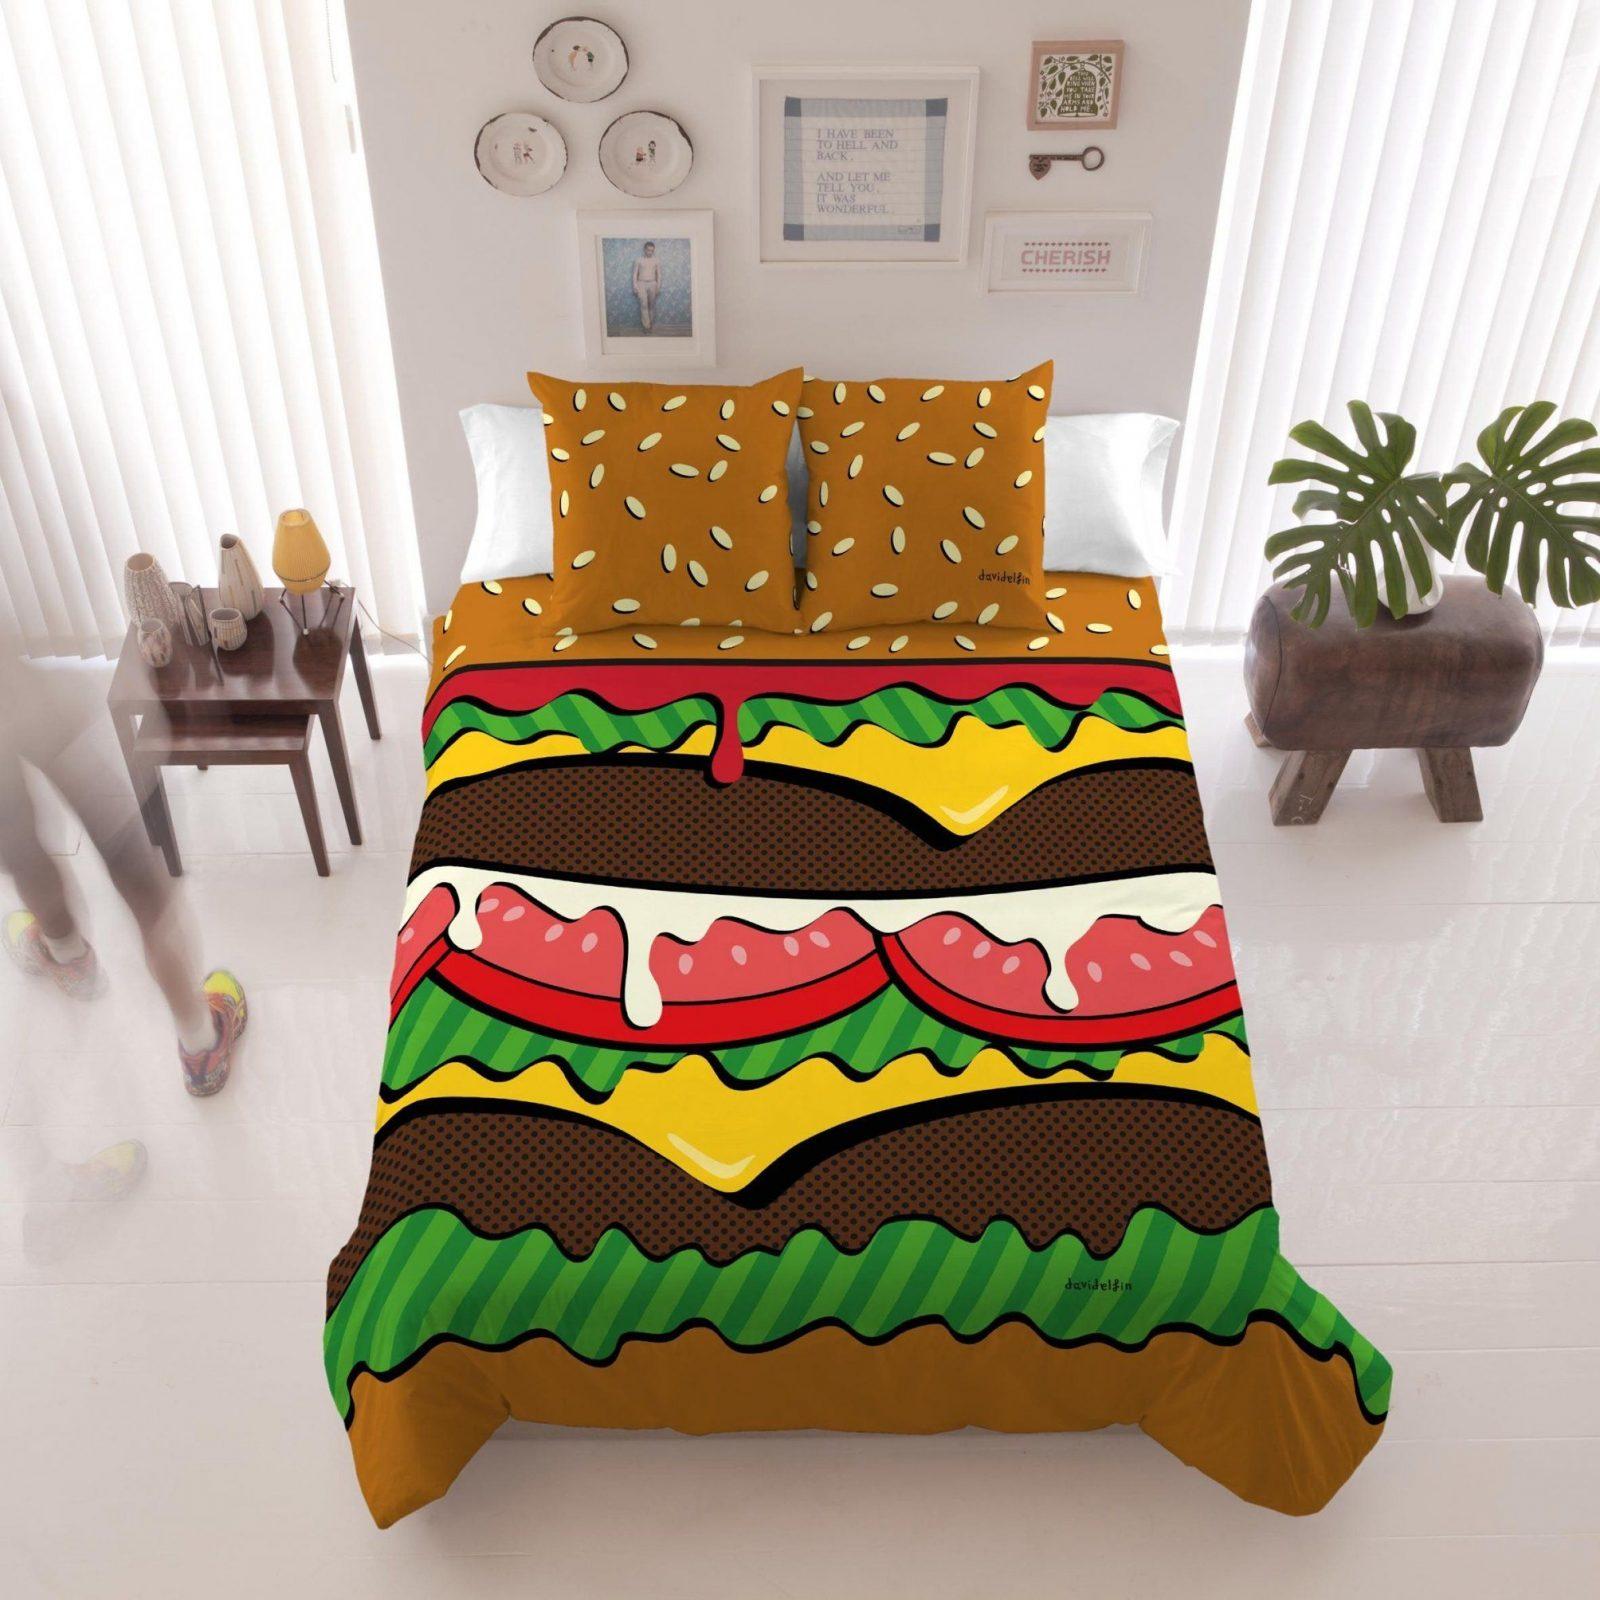 Raffiniert Bettwäsche Günstig Selbst Gestalten  Bettwäsche Ideen von Bettwäsche Selber Gestalten Günstig Bild